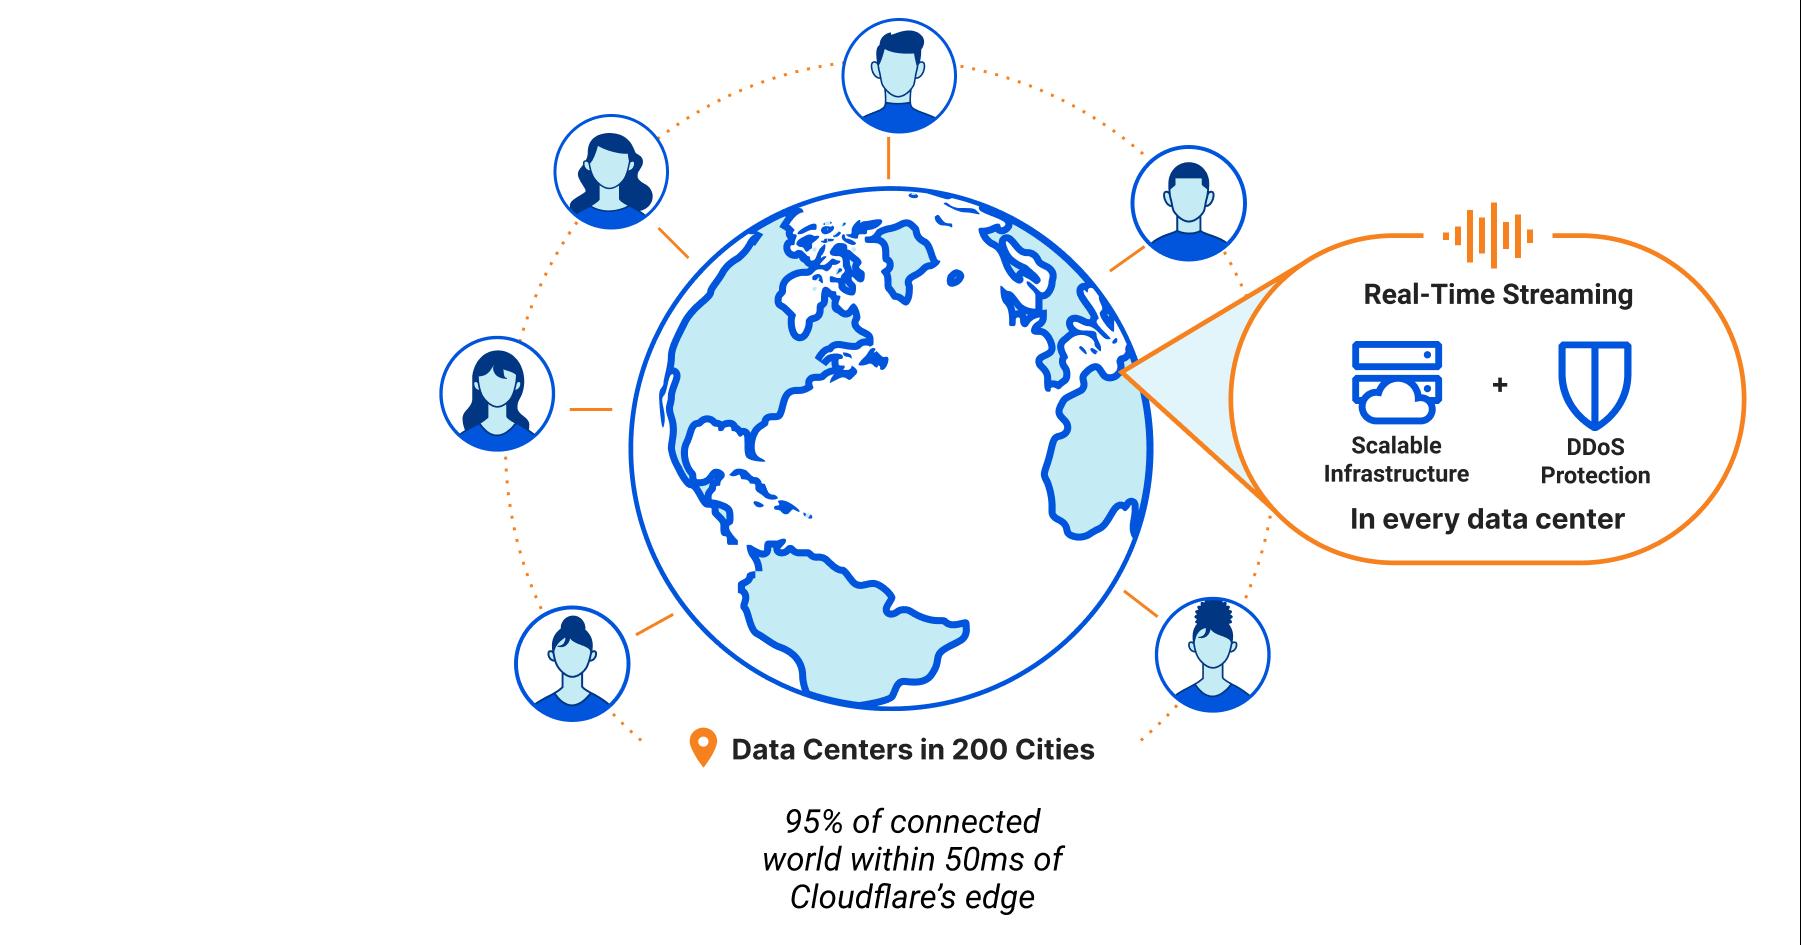 使用者透過 Cloudflare 的分散式全球邊緣網路進行連線。